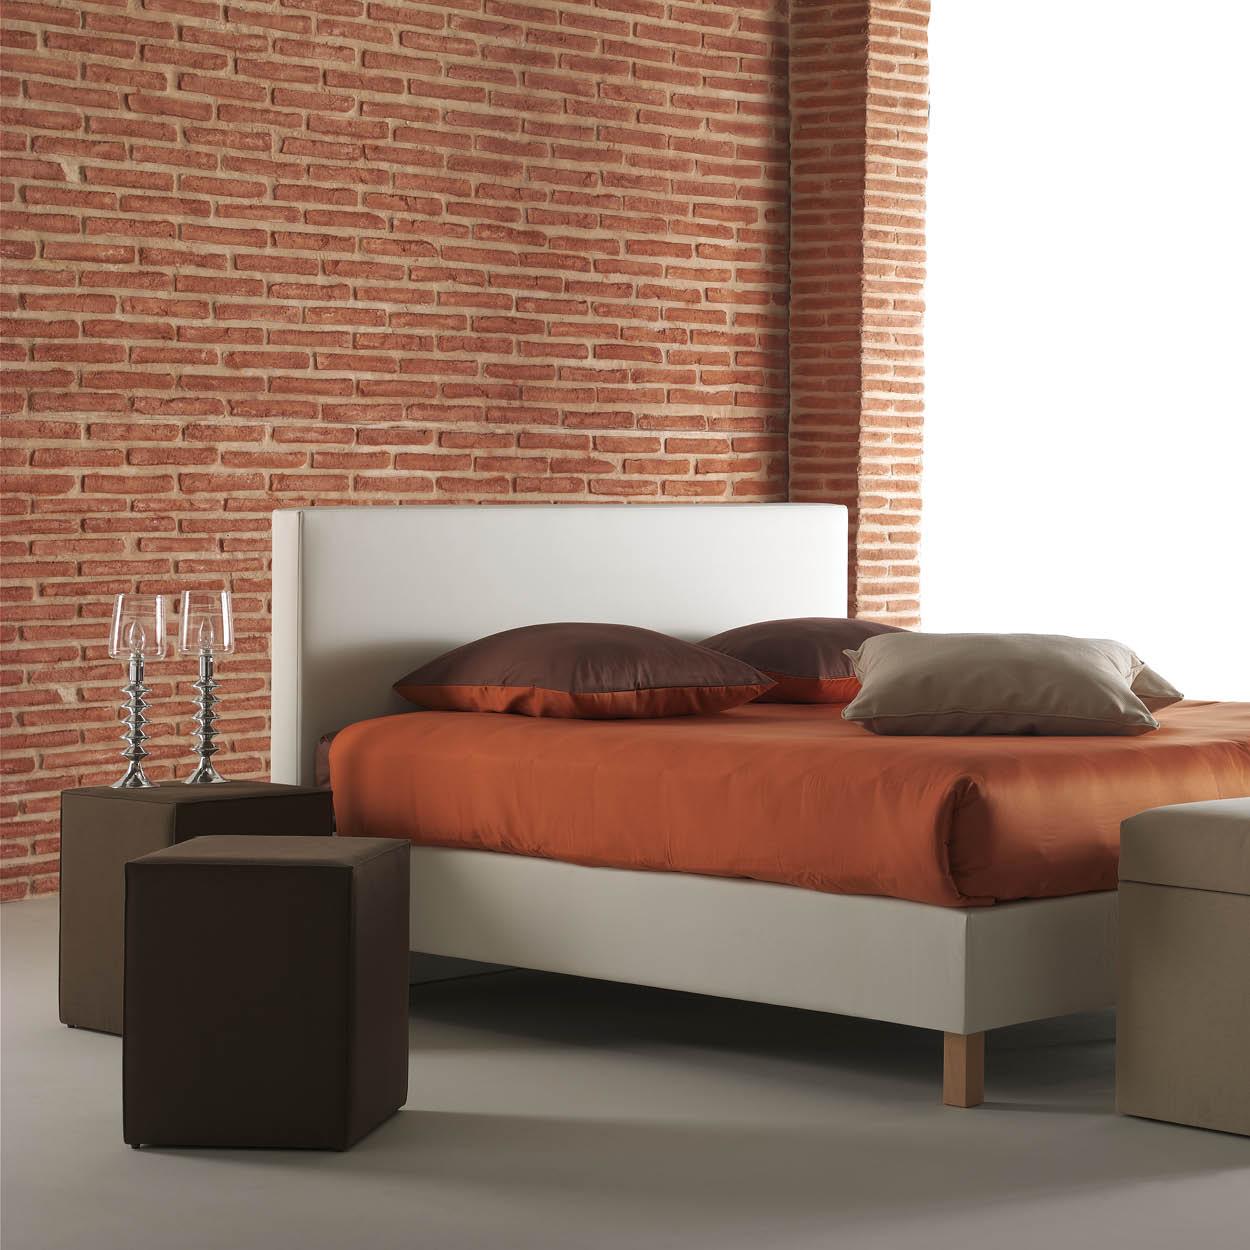 Escape Bedding - Girona